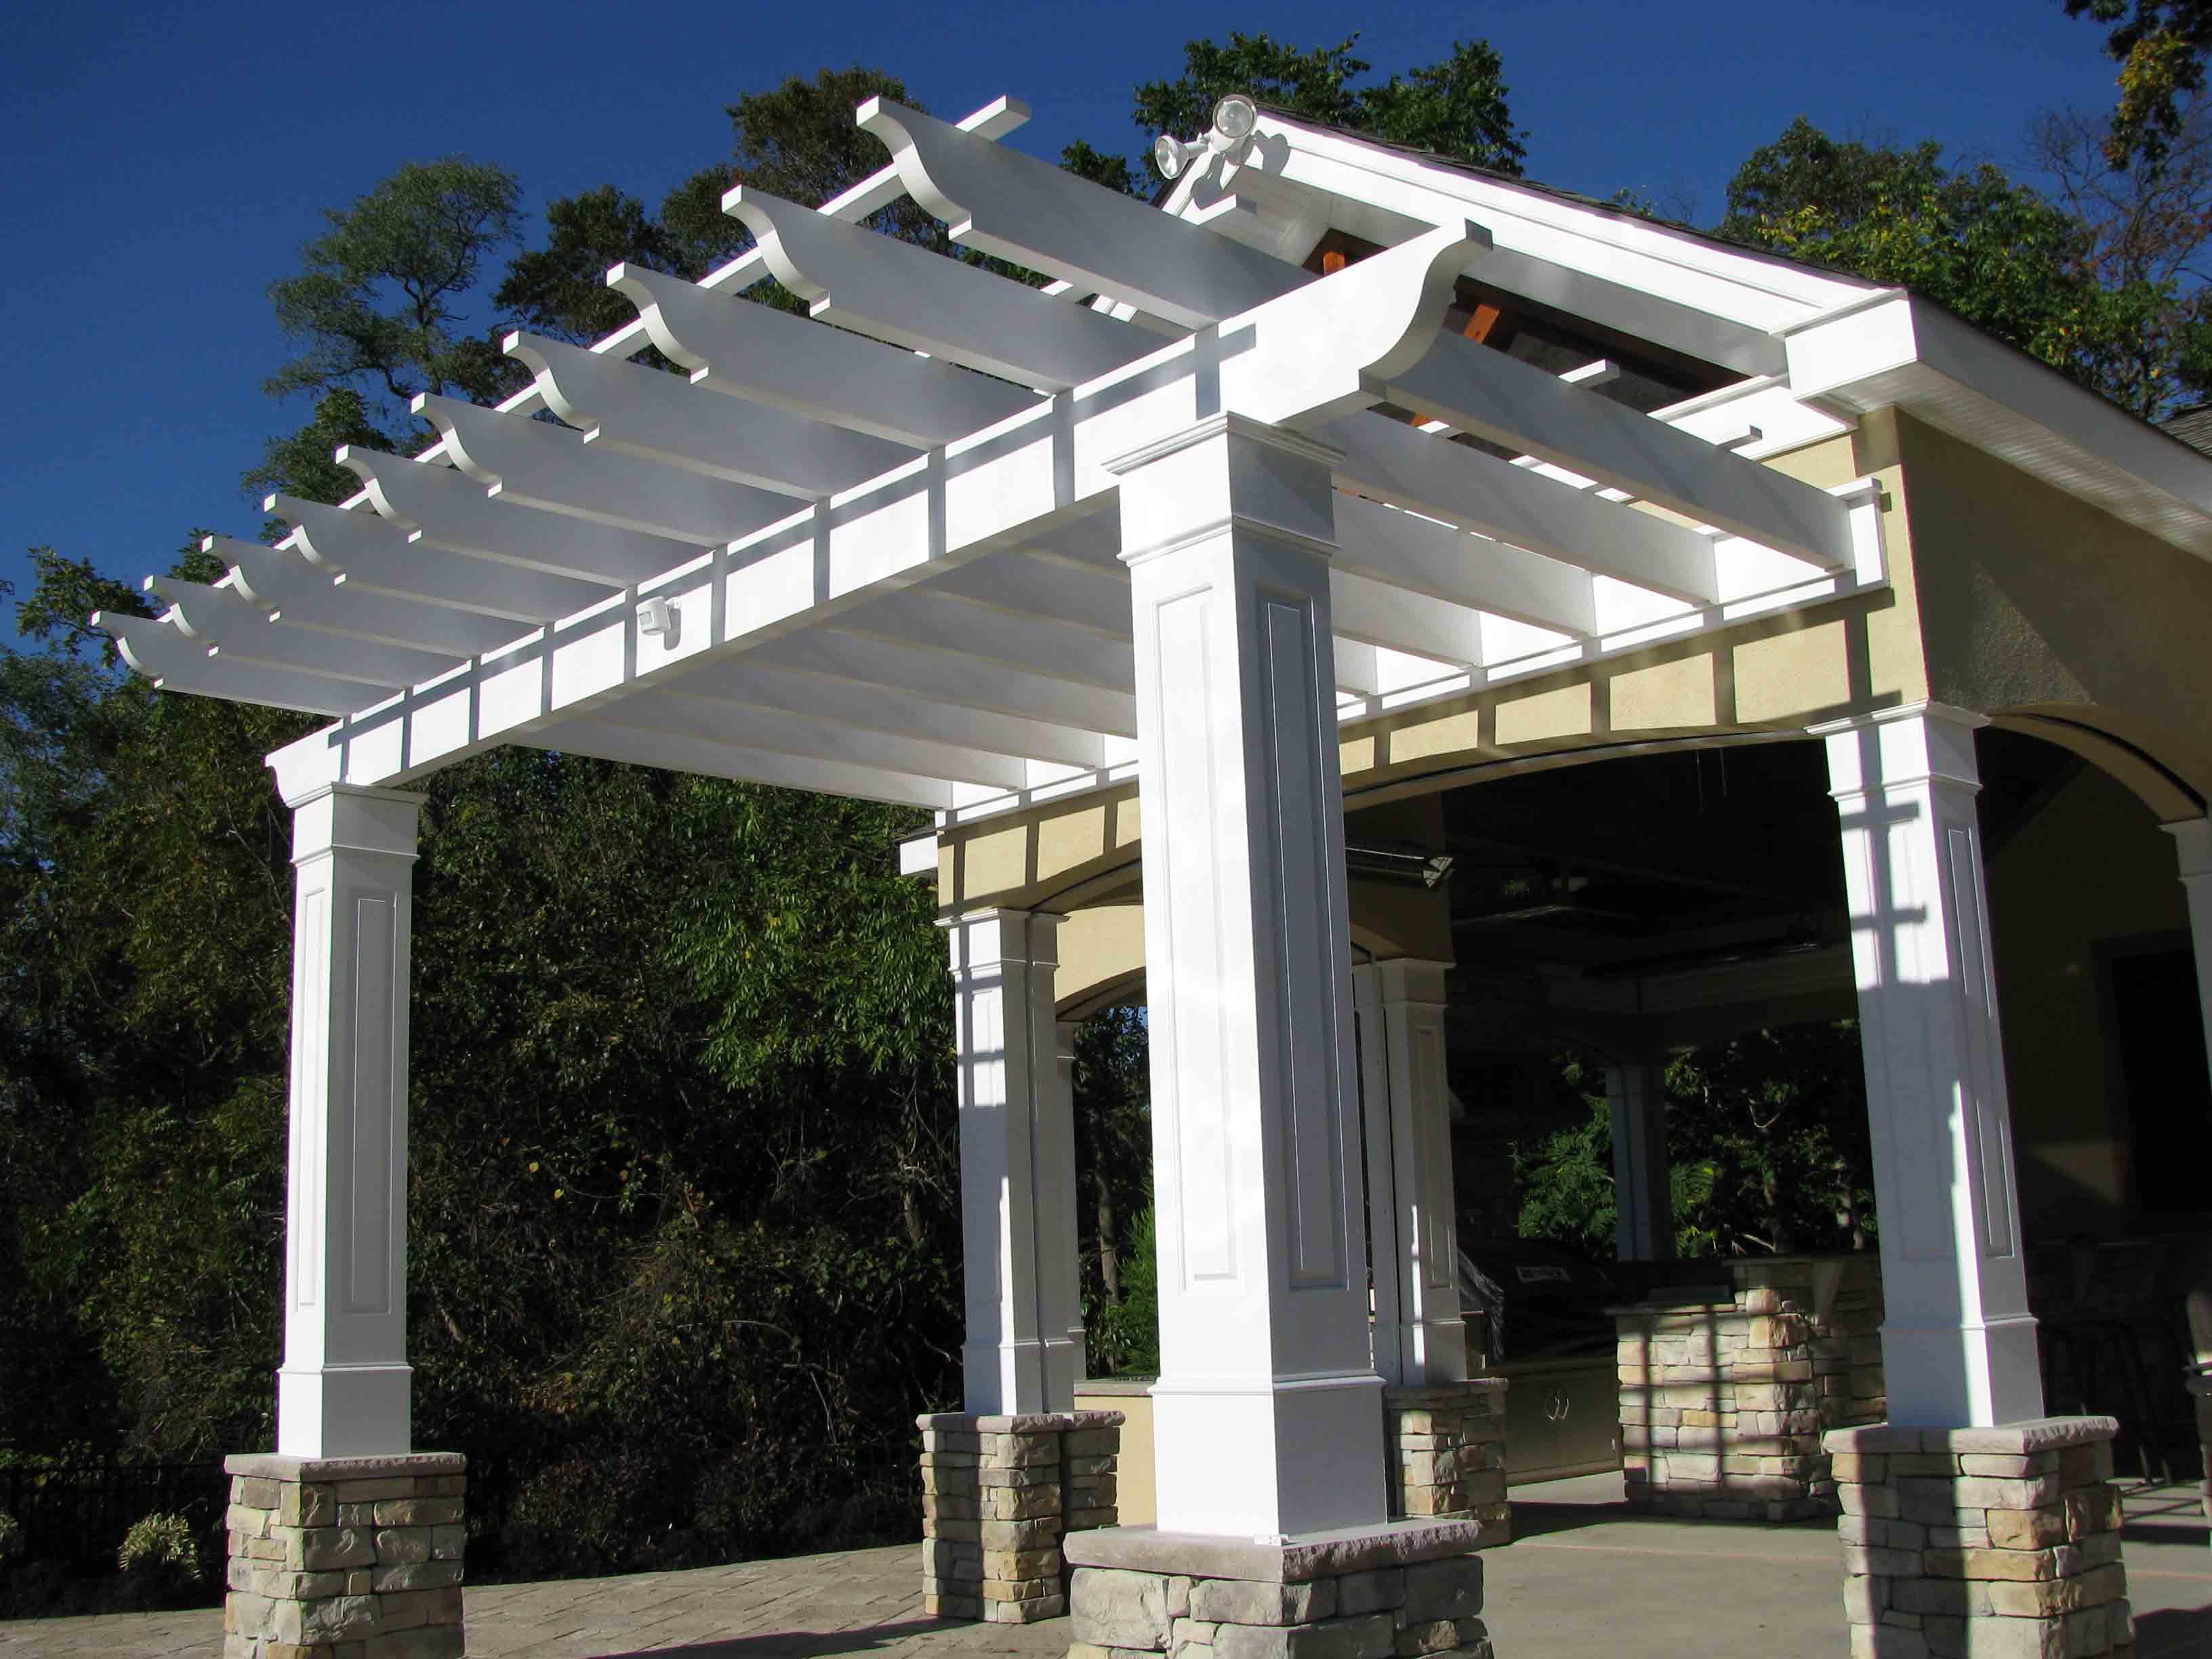 miller-pool-pavilion-3